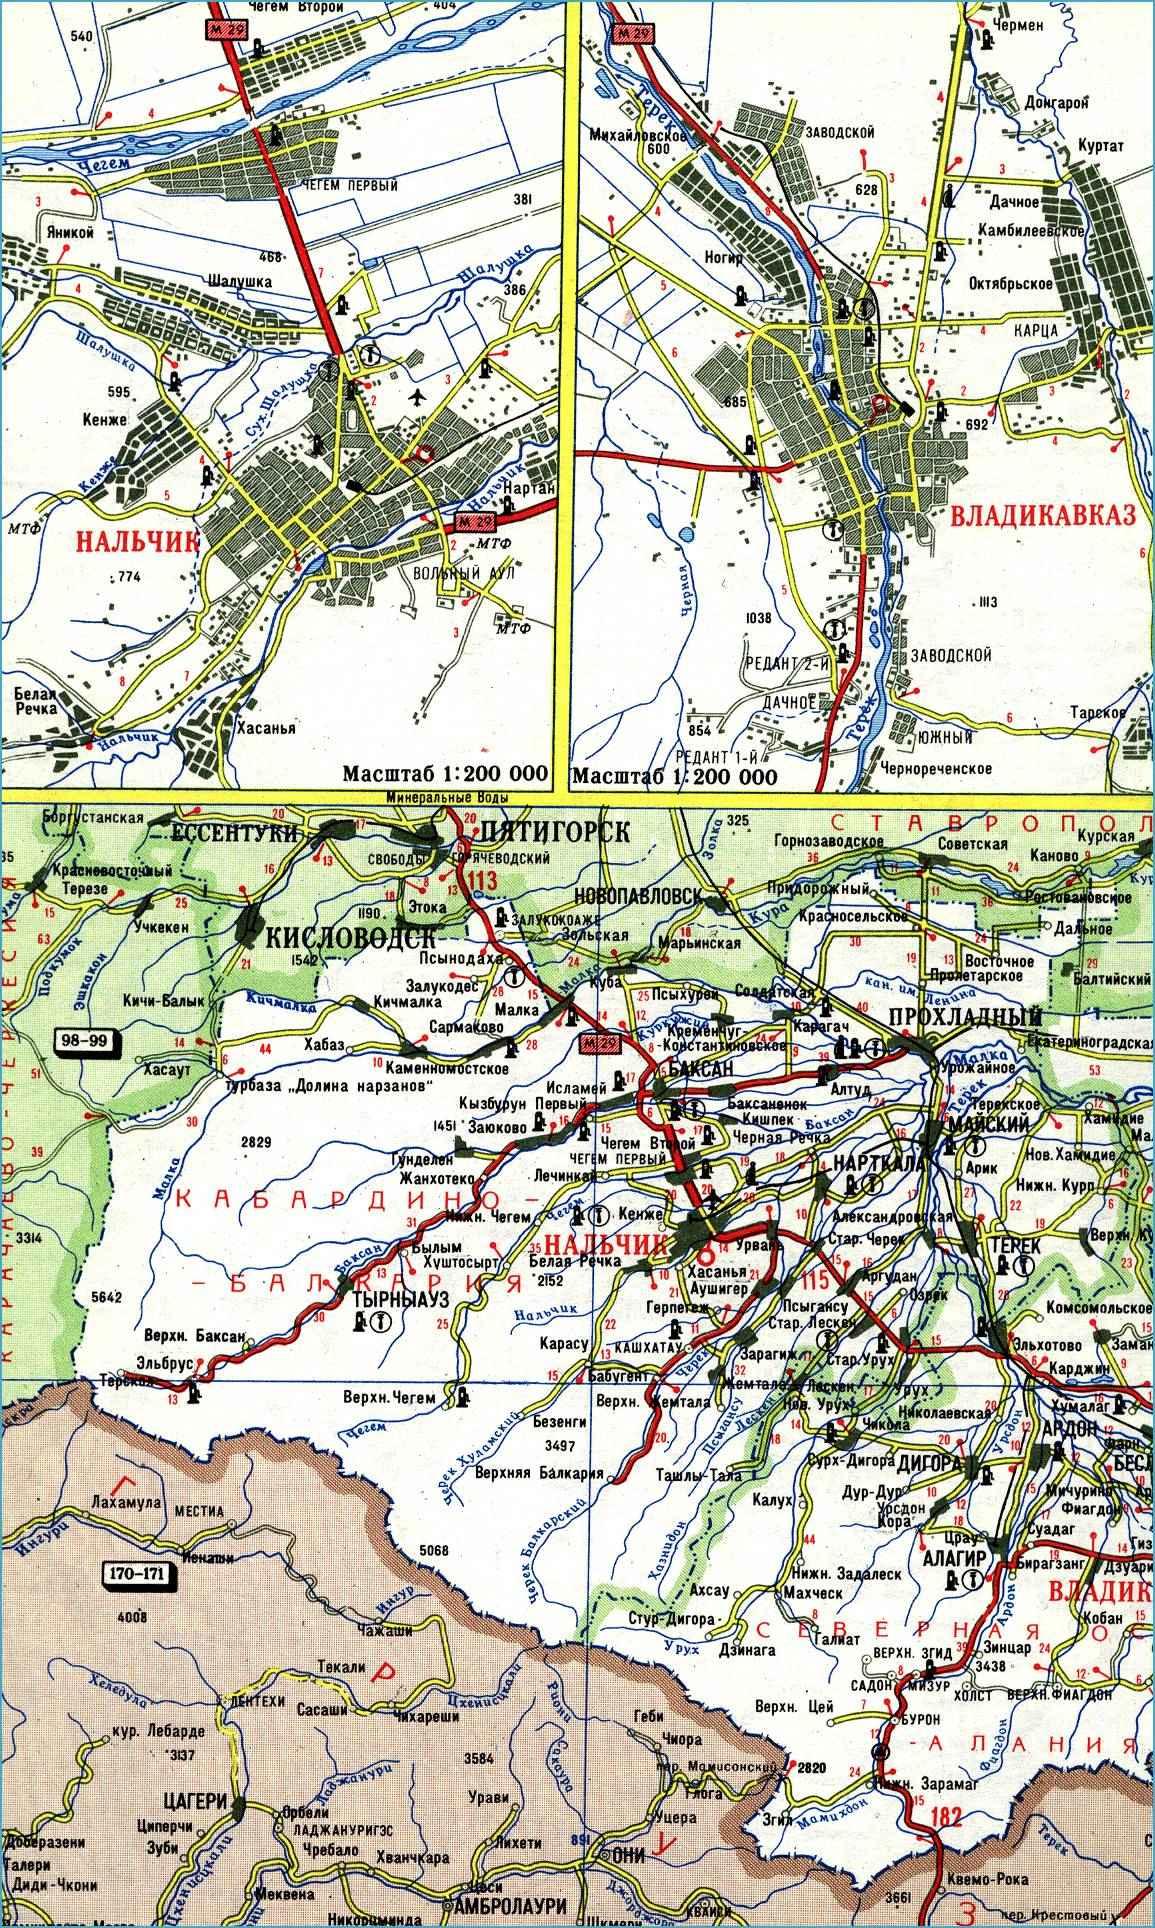 Карта автодорог Республики Кабардино-Балкарии